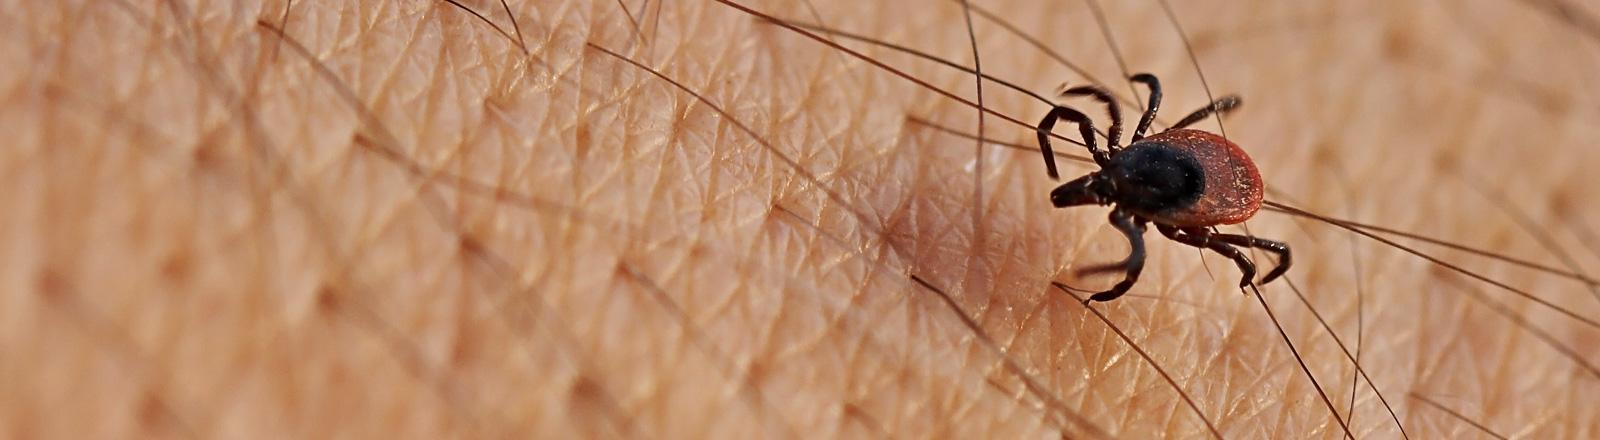 Eine Zecke krabbelt über menschliche Haut.